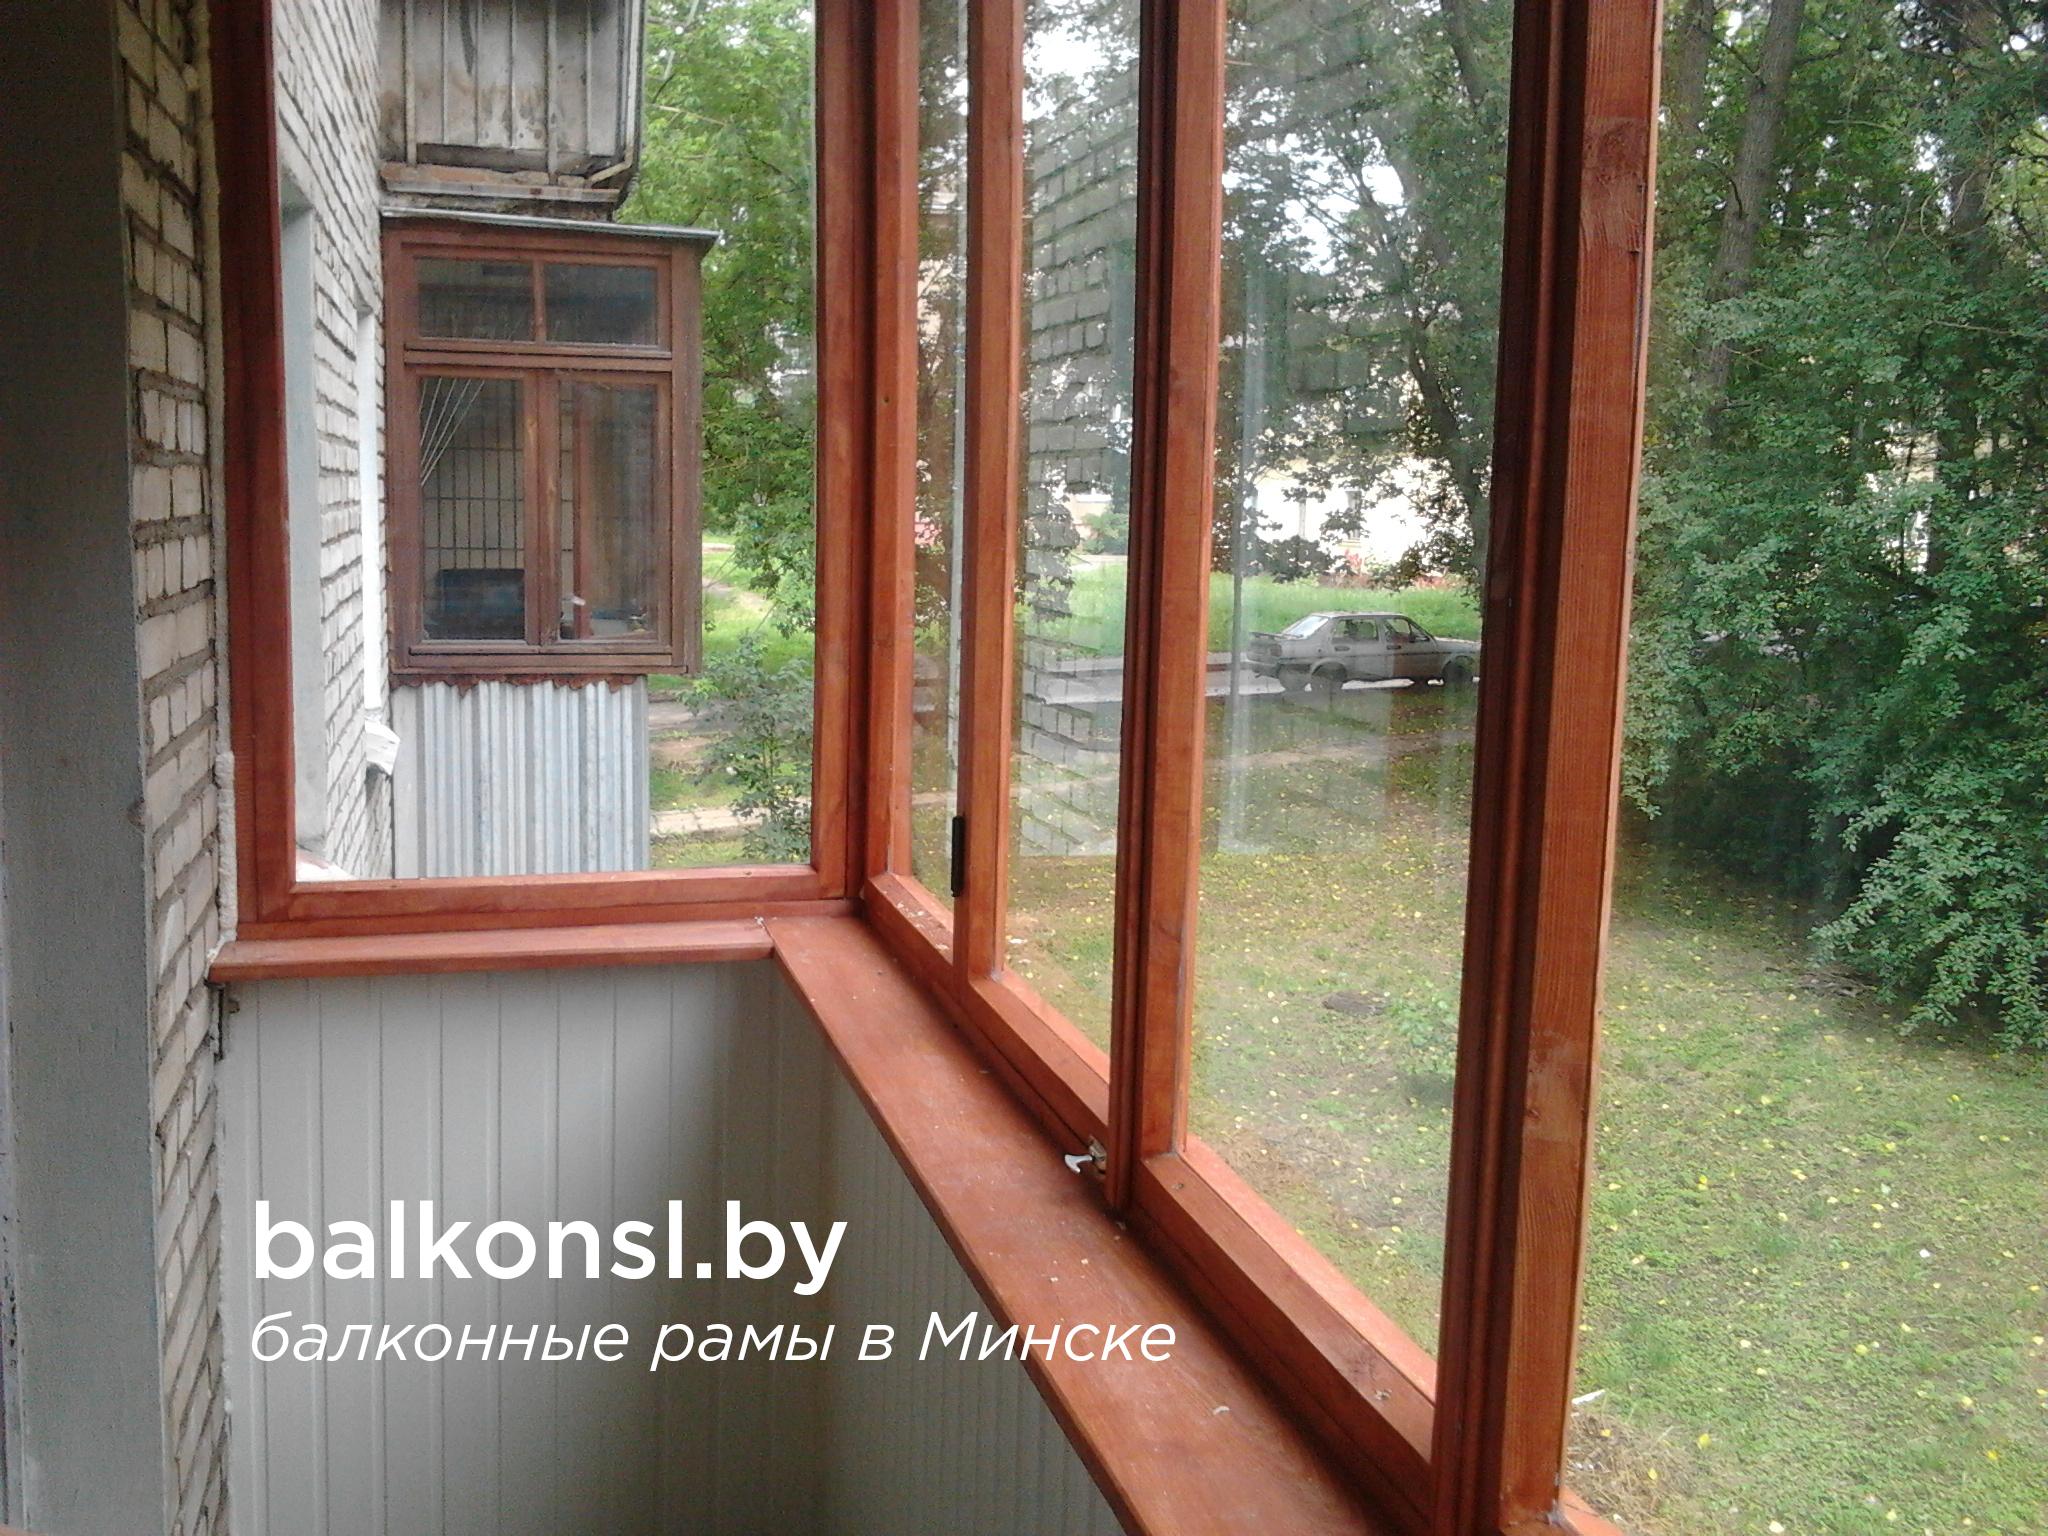 Балконные рамы из дерева в минске. цены на монтаж.